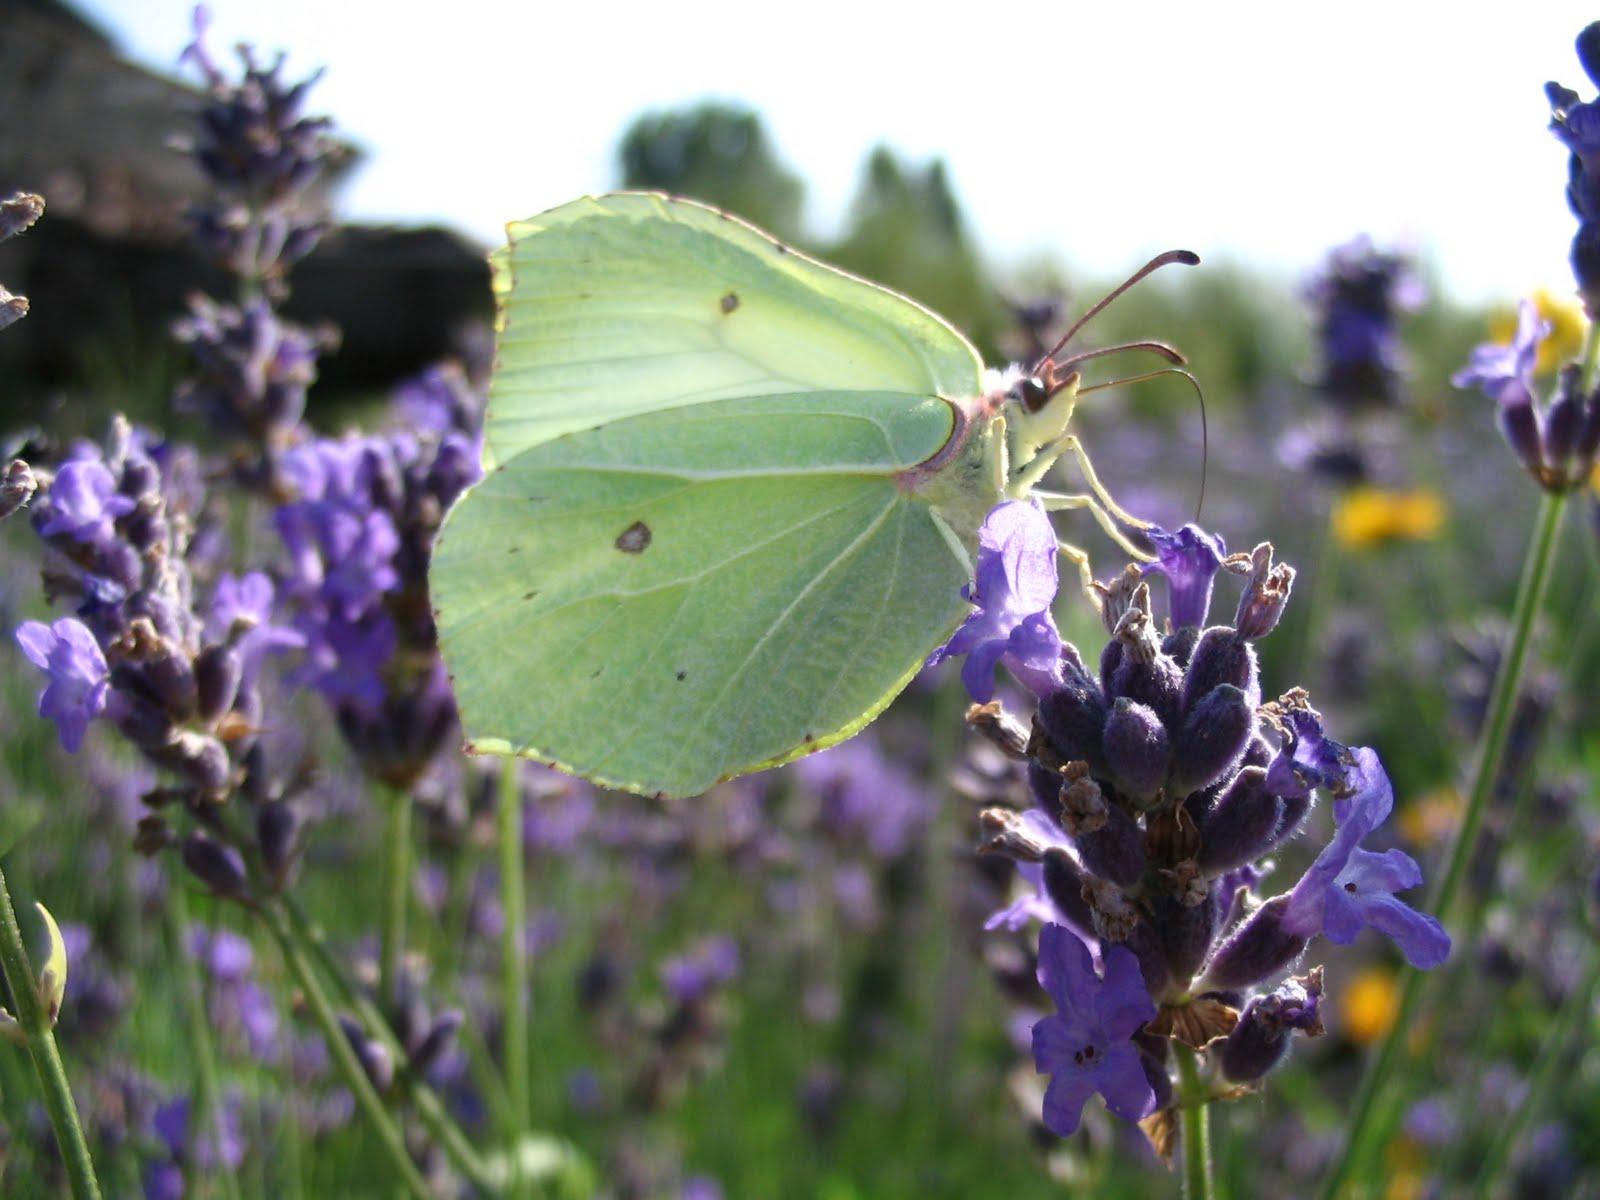 Schmetterling am Lavendel